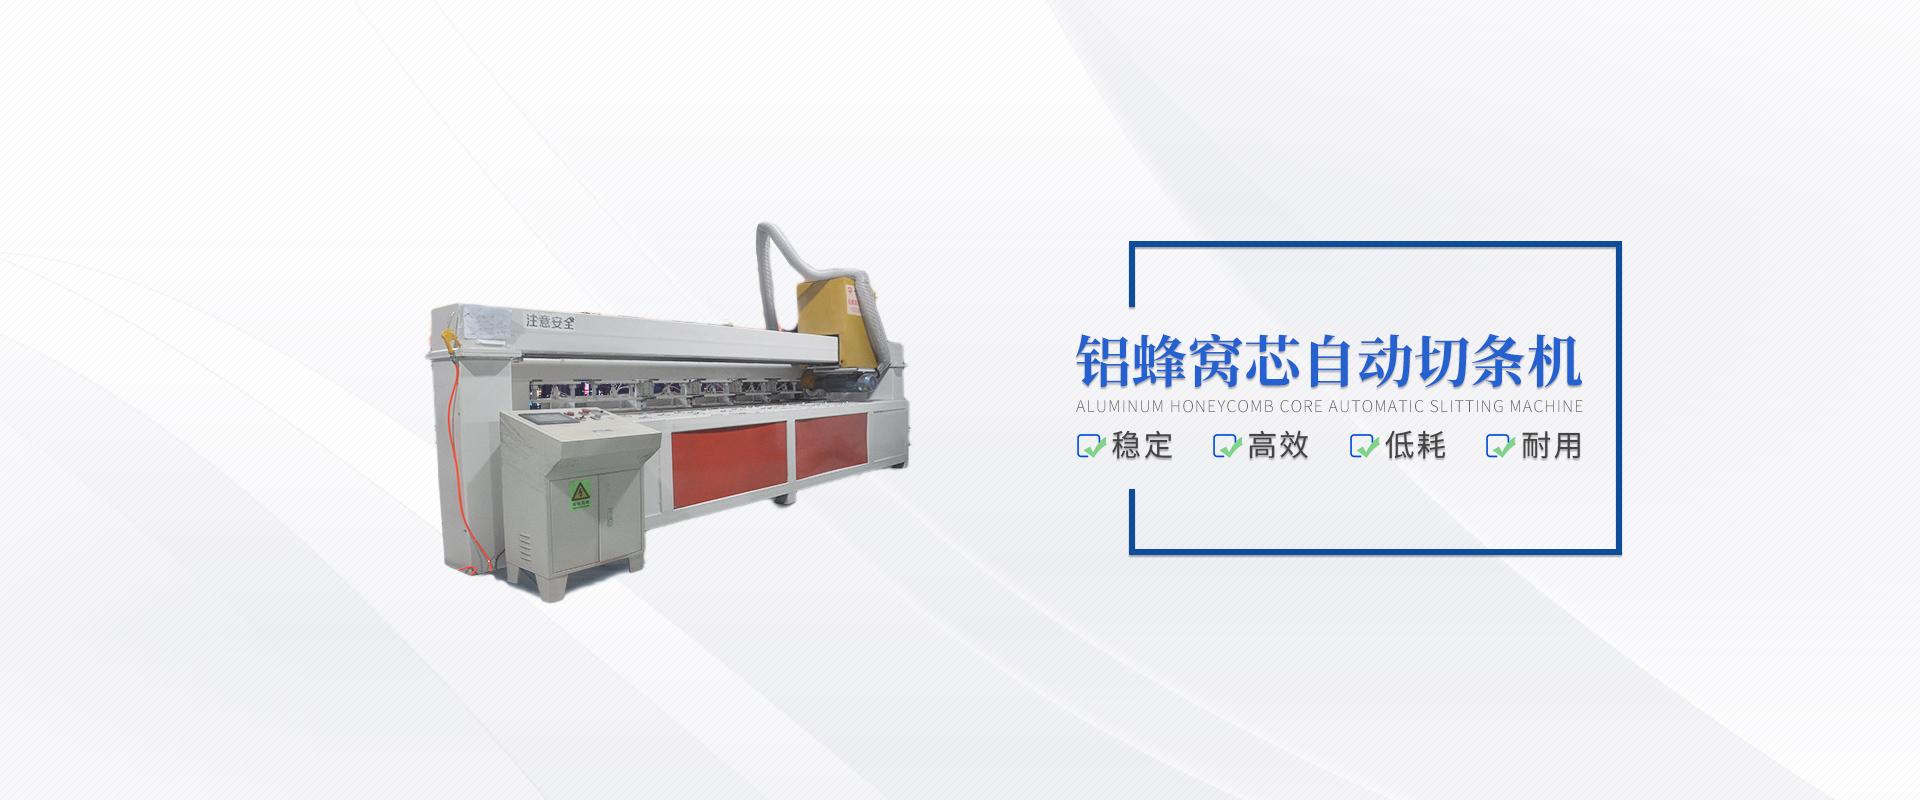 铝蜂窝芯切割机